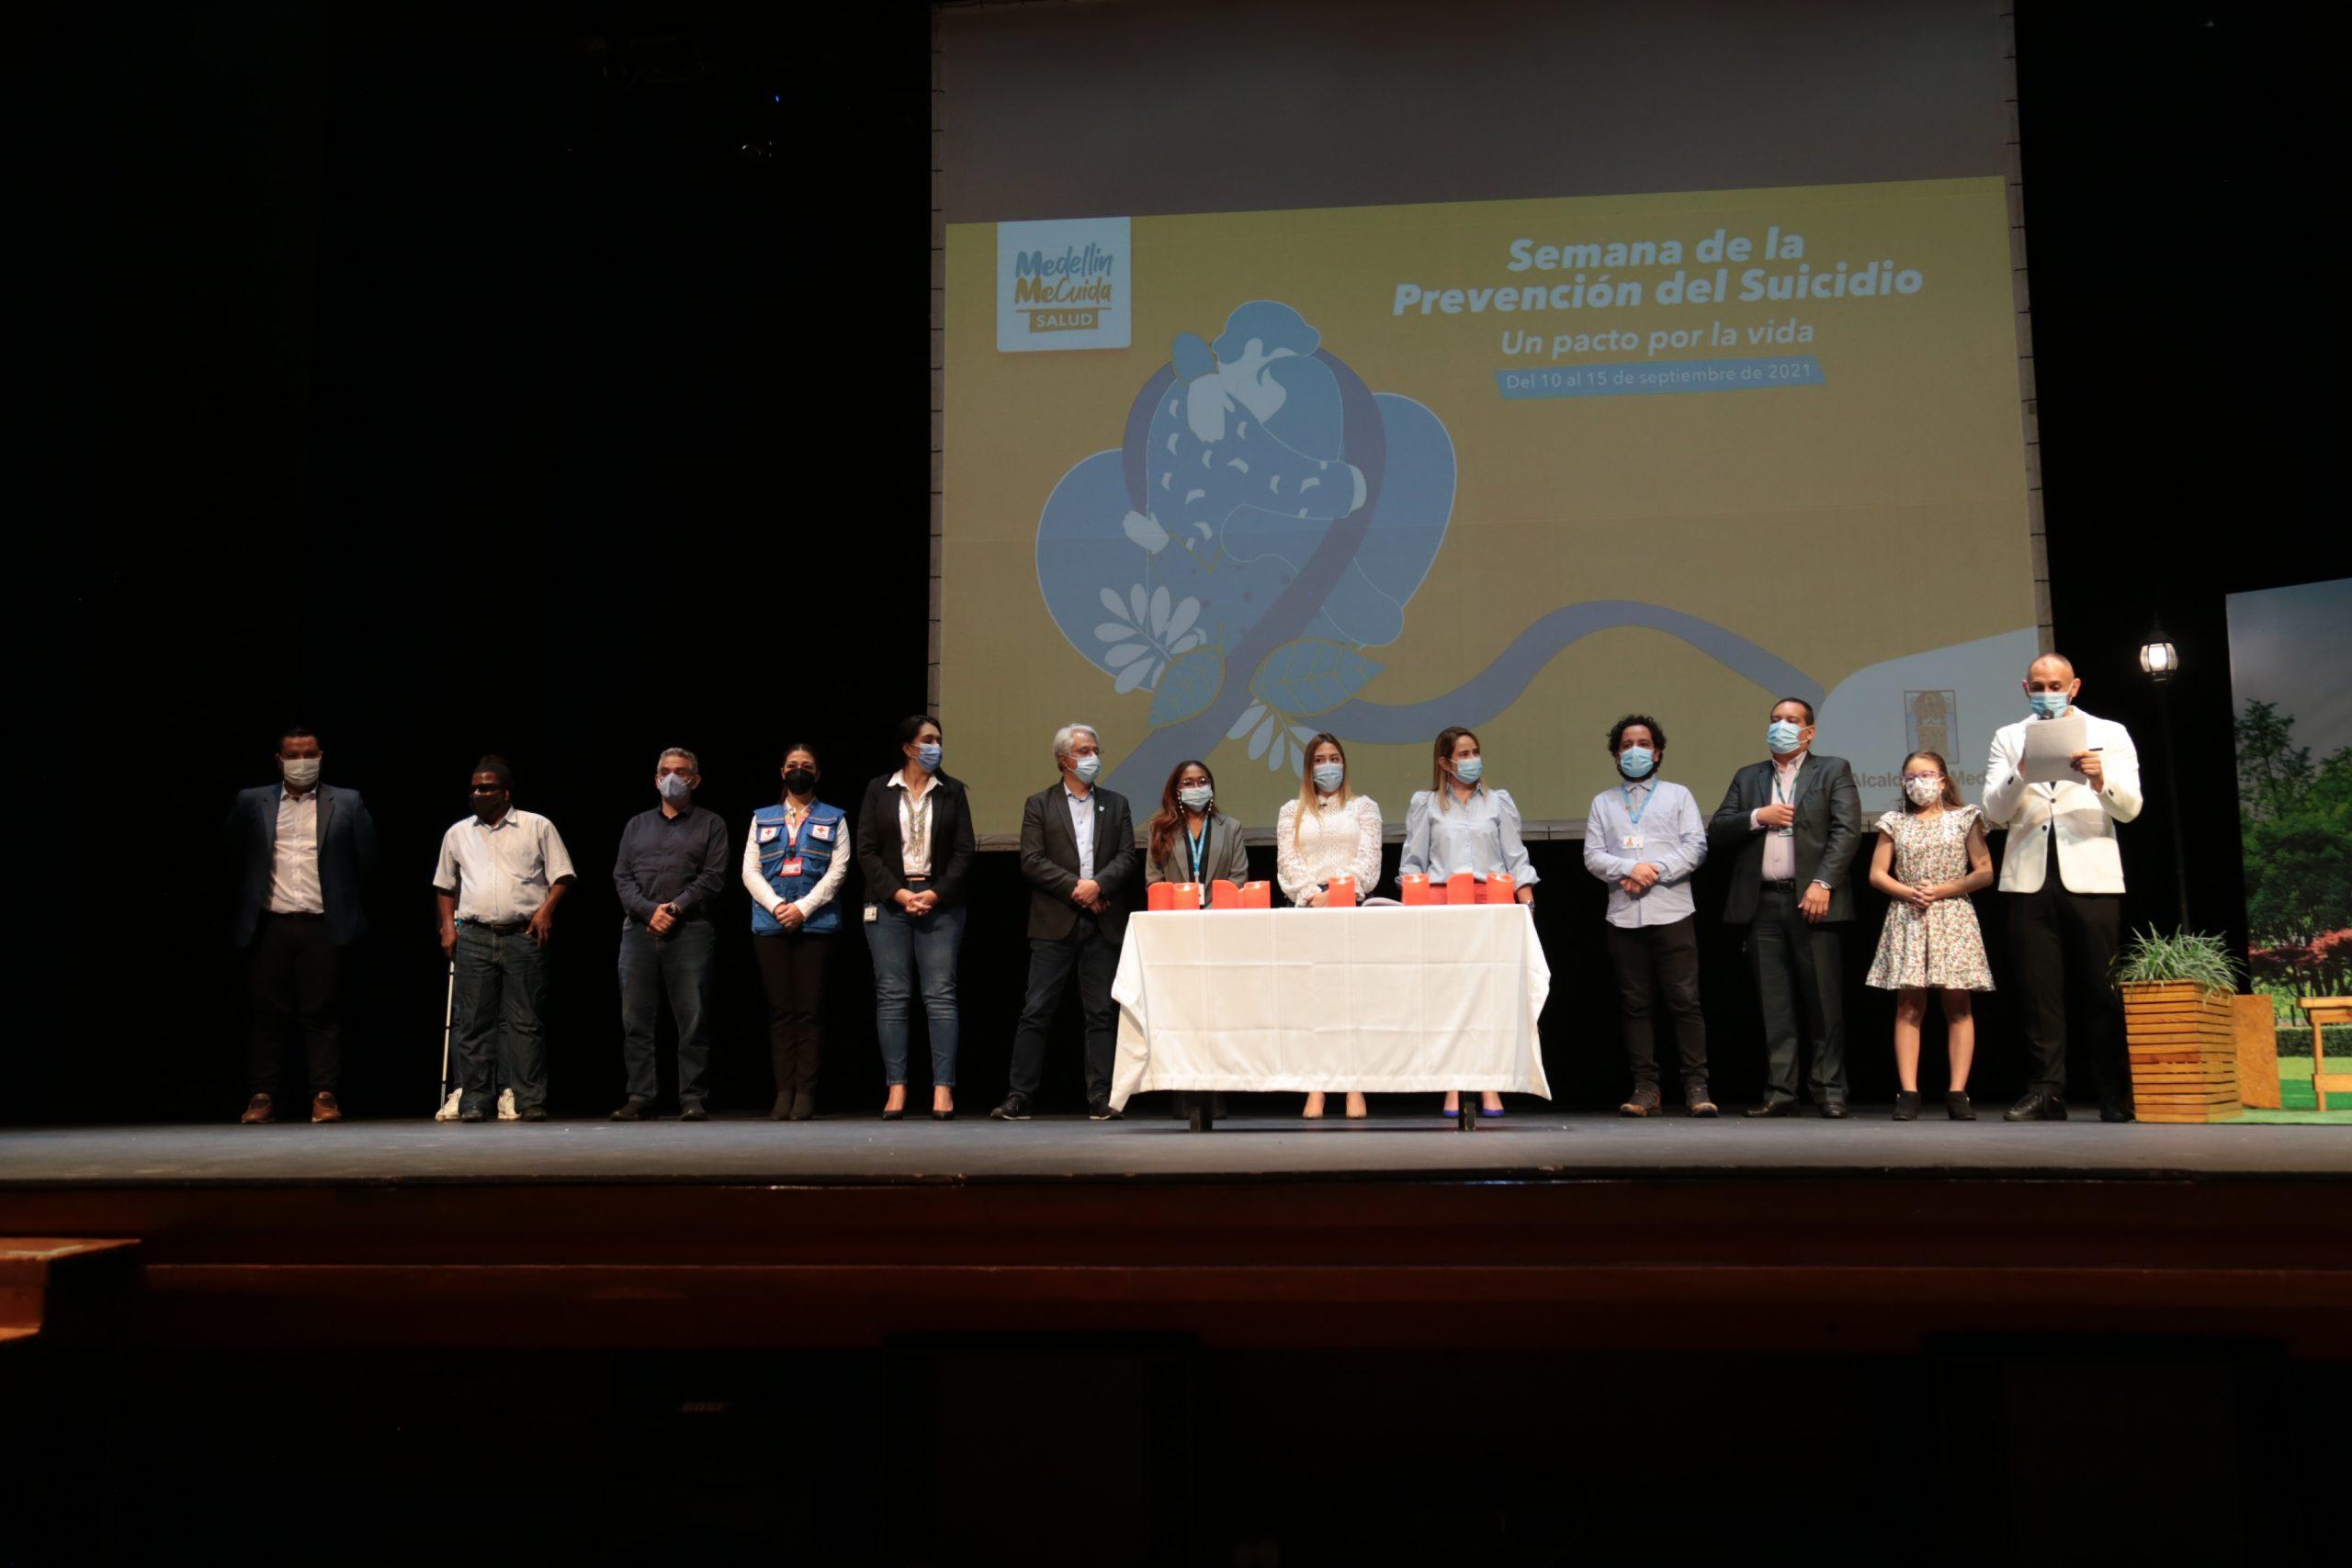 Medellín firma pacto por la vida para la prevención del suicidio